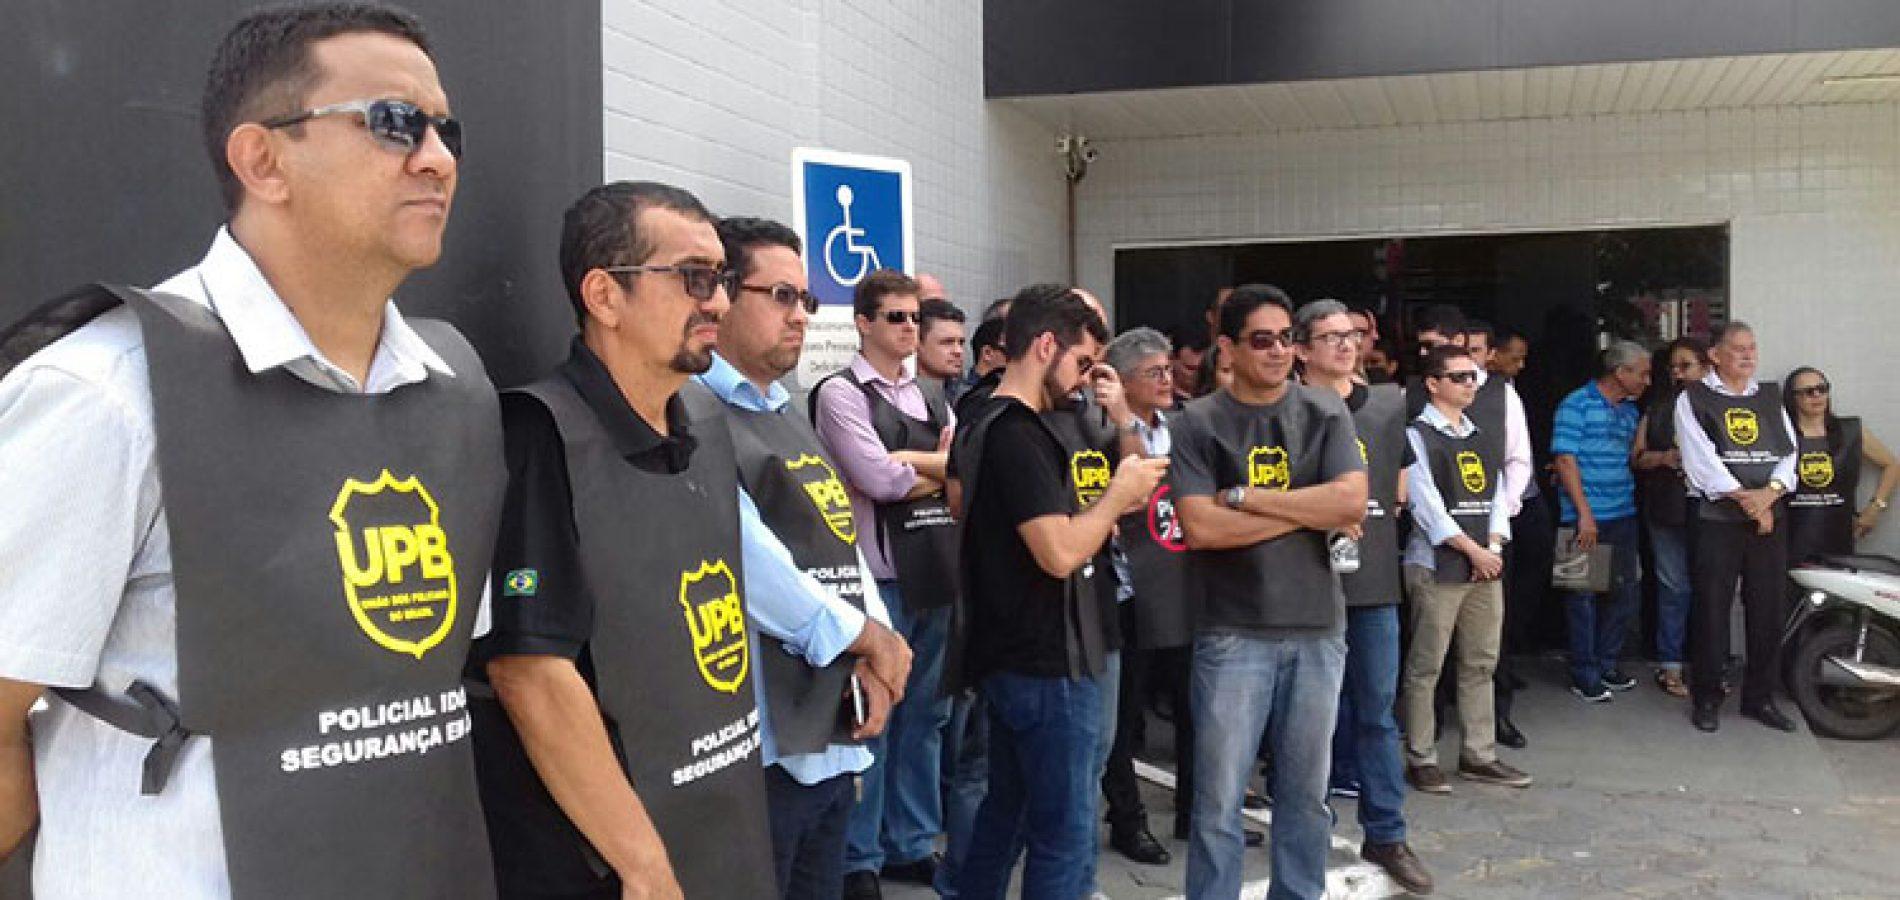 Policiais federais do Piauí entram em estado de greve em protesto